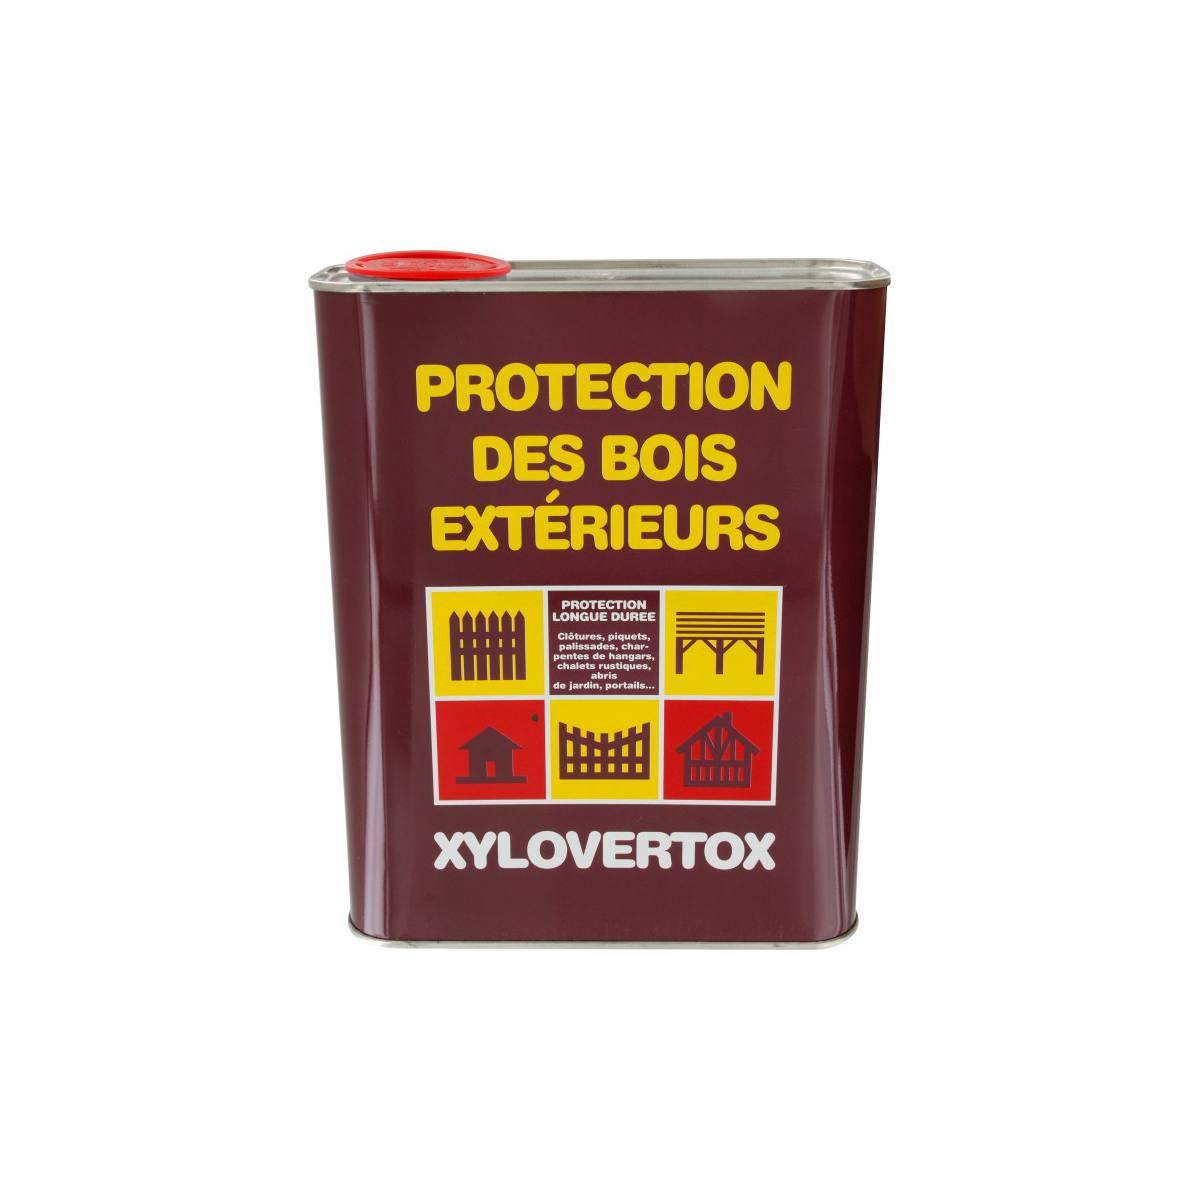 PROTECTION DES BOIS EXTÉRIEUR XYLOVERTOX